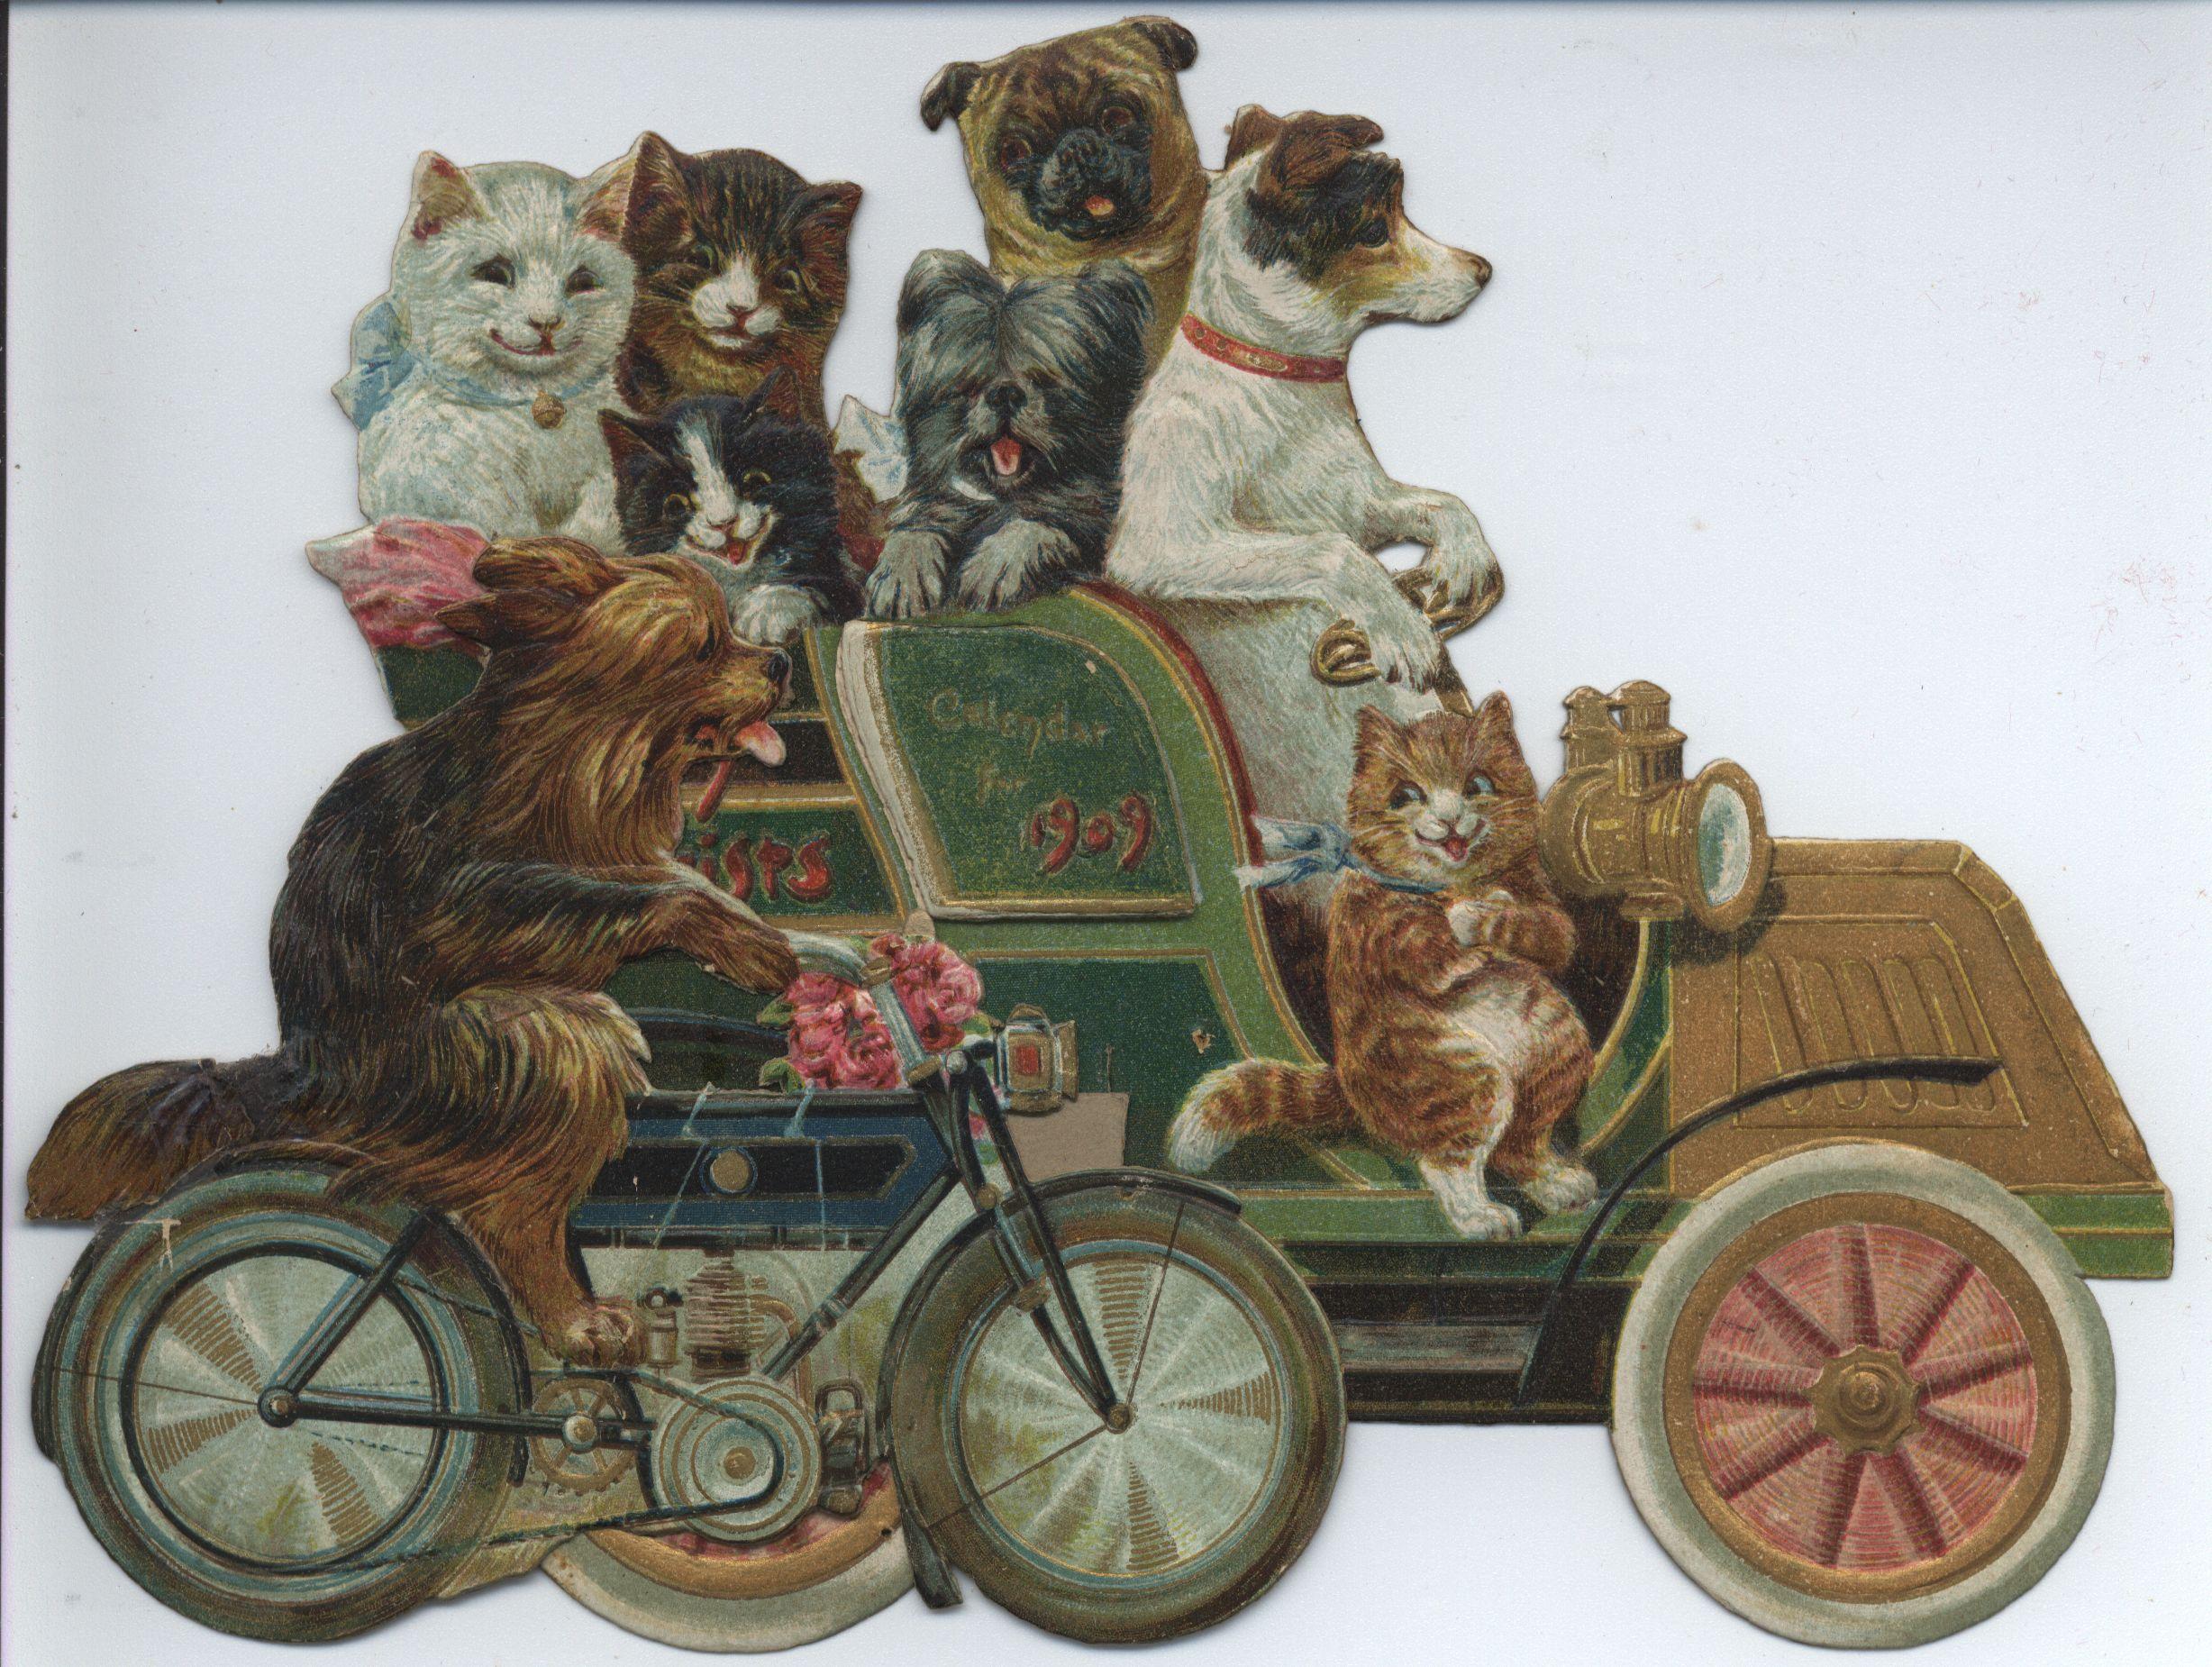 MERRY MOTORISTS CALENDAR FOR 1909